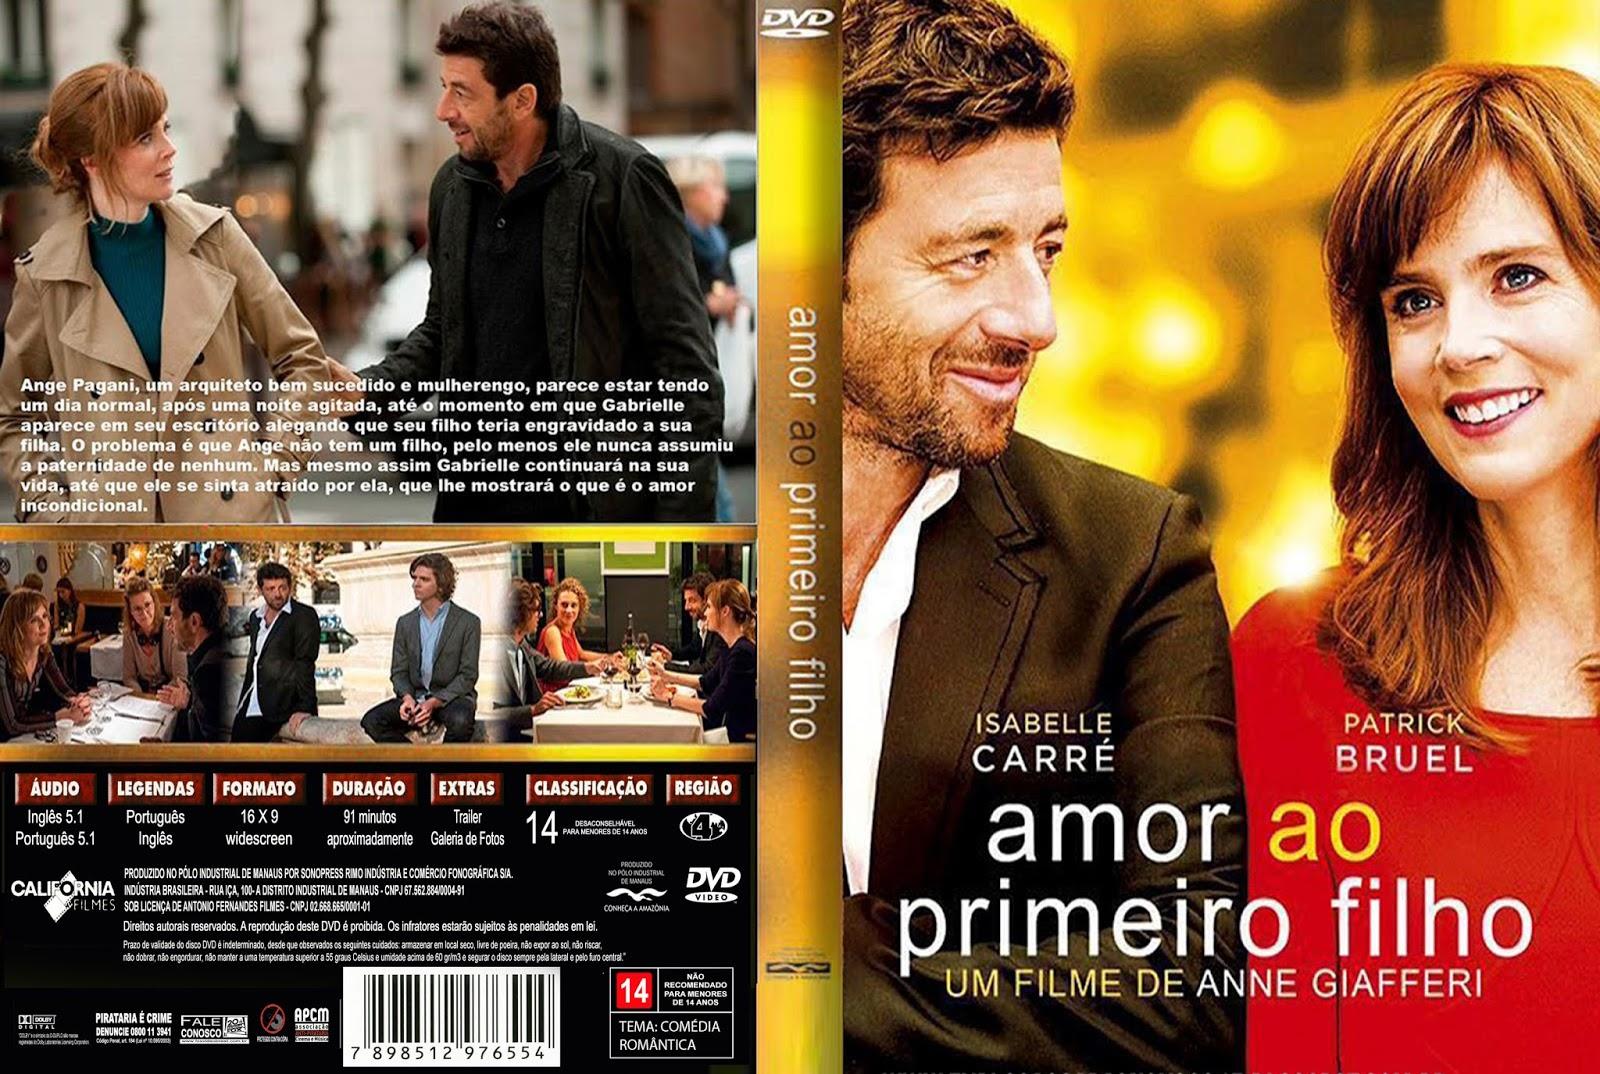 Amor Ao Primeiro Filho DVDRip XviD Dual Áudio Amor 2BAo 2BPrimeiro 2BFilho 2BDVD 2B  2BXANDAODOWNLOAD